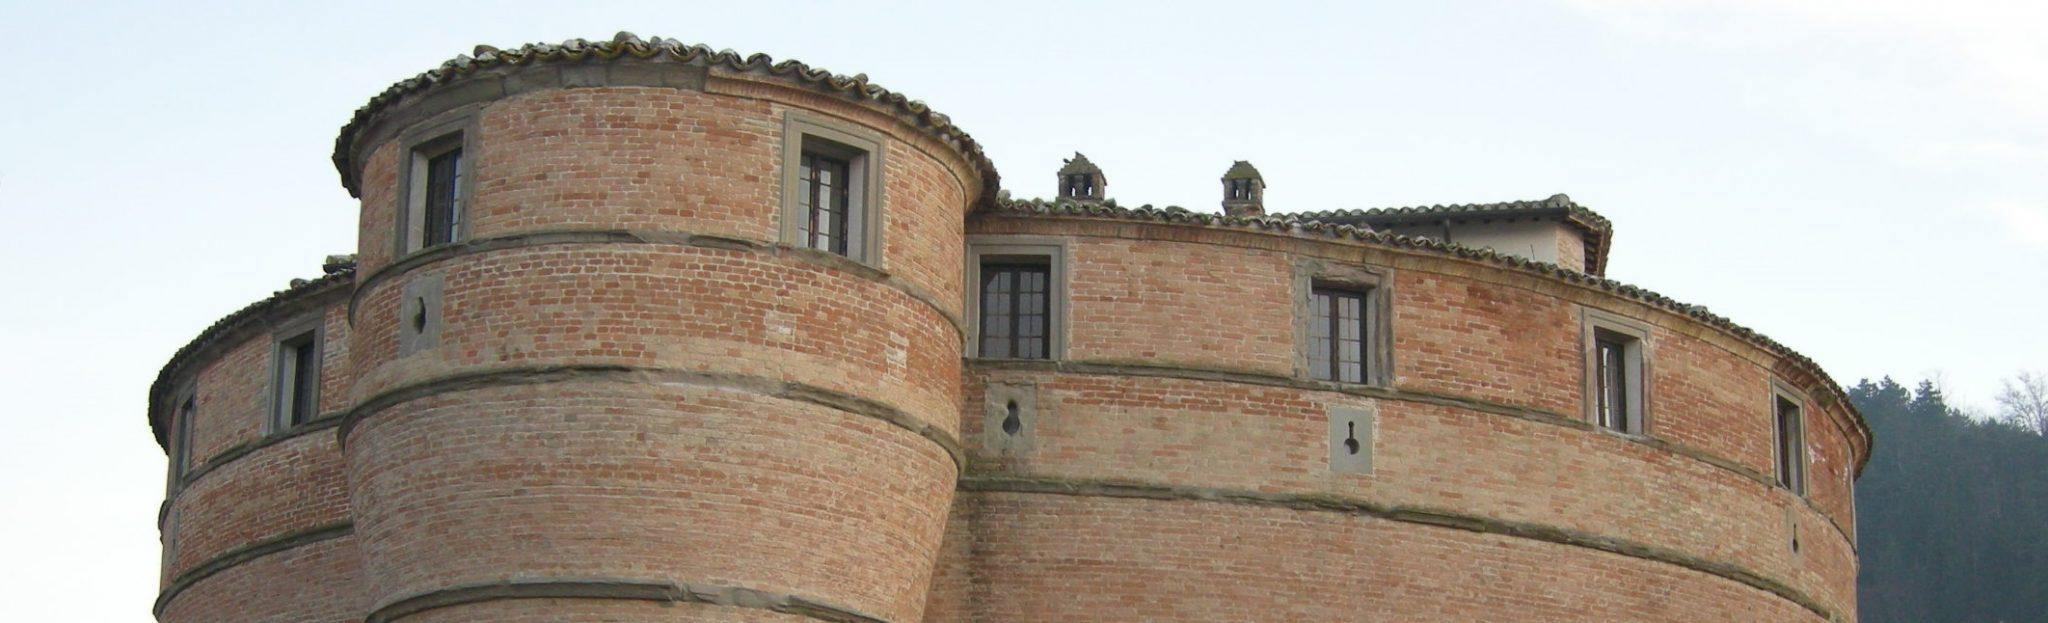 Sulle tracce di Pasquale Rotondi, salvatore dell'arte, <br />tra picchi e vallate, rocche e musei del Montefeltro